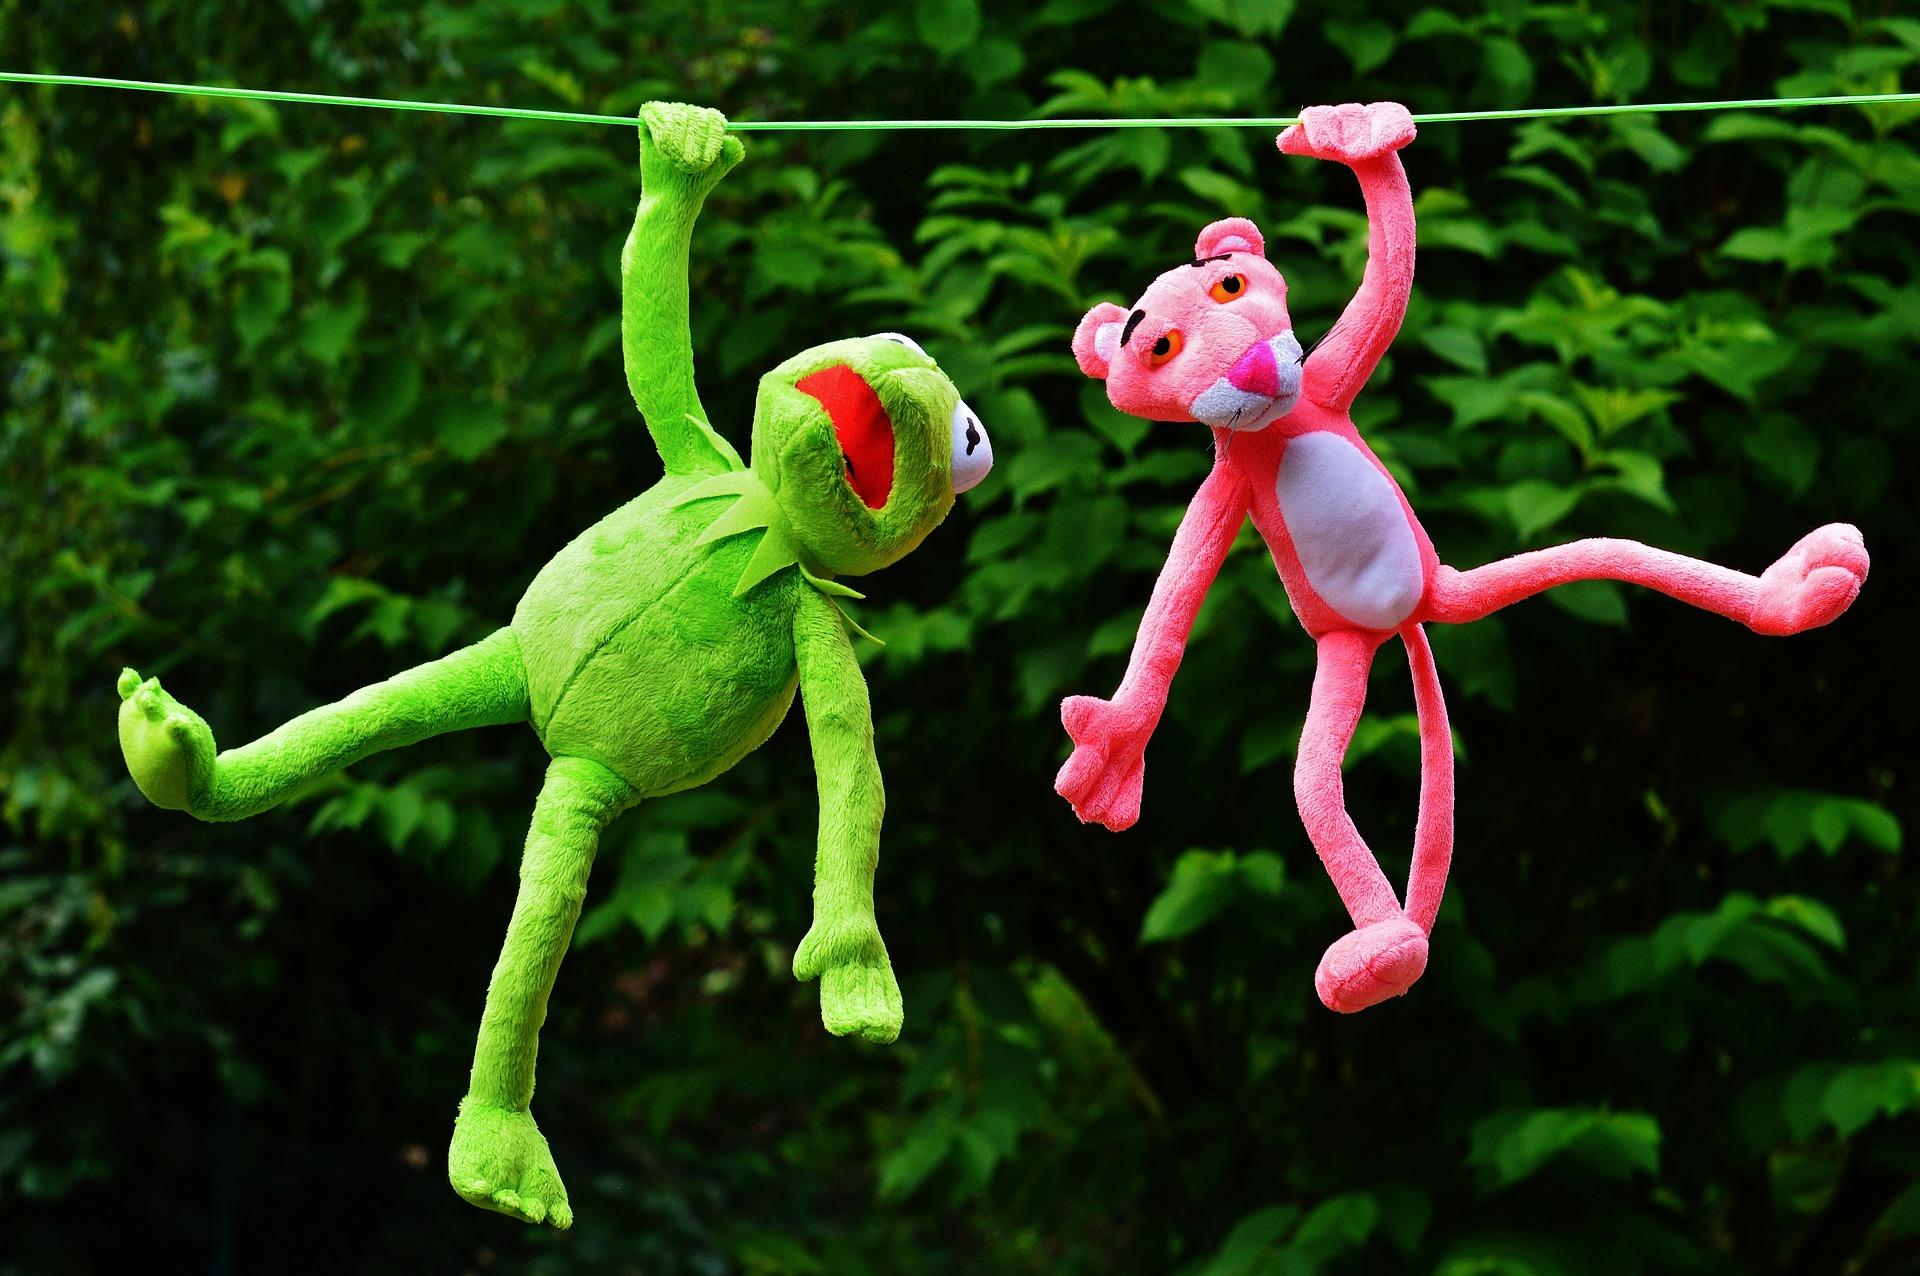 Spielzeug, Plüsch-Spielwaren, Gustavo, Pink Panther, Kermit, Aufgehängt - Wallpaper HD - Prof.-falken.com